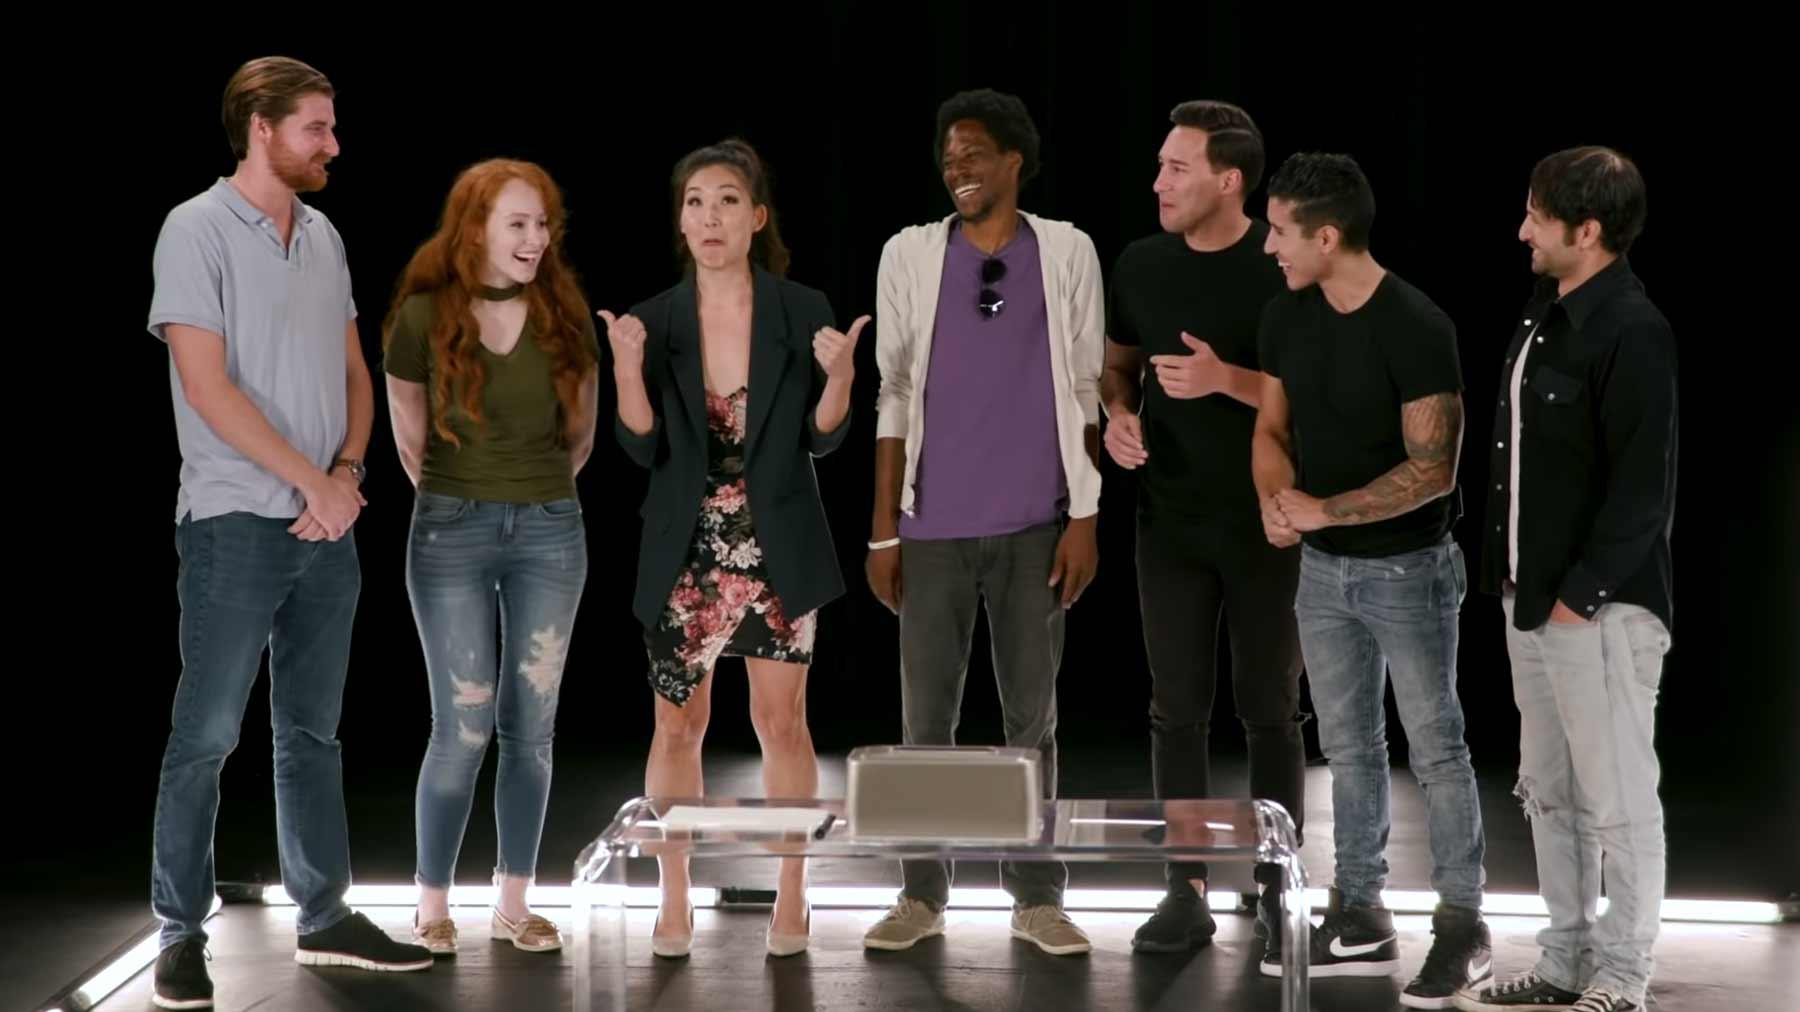 Wer von diesen 7 ist gar kein/e Schauspieler/in?